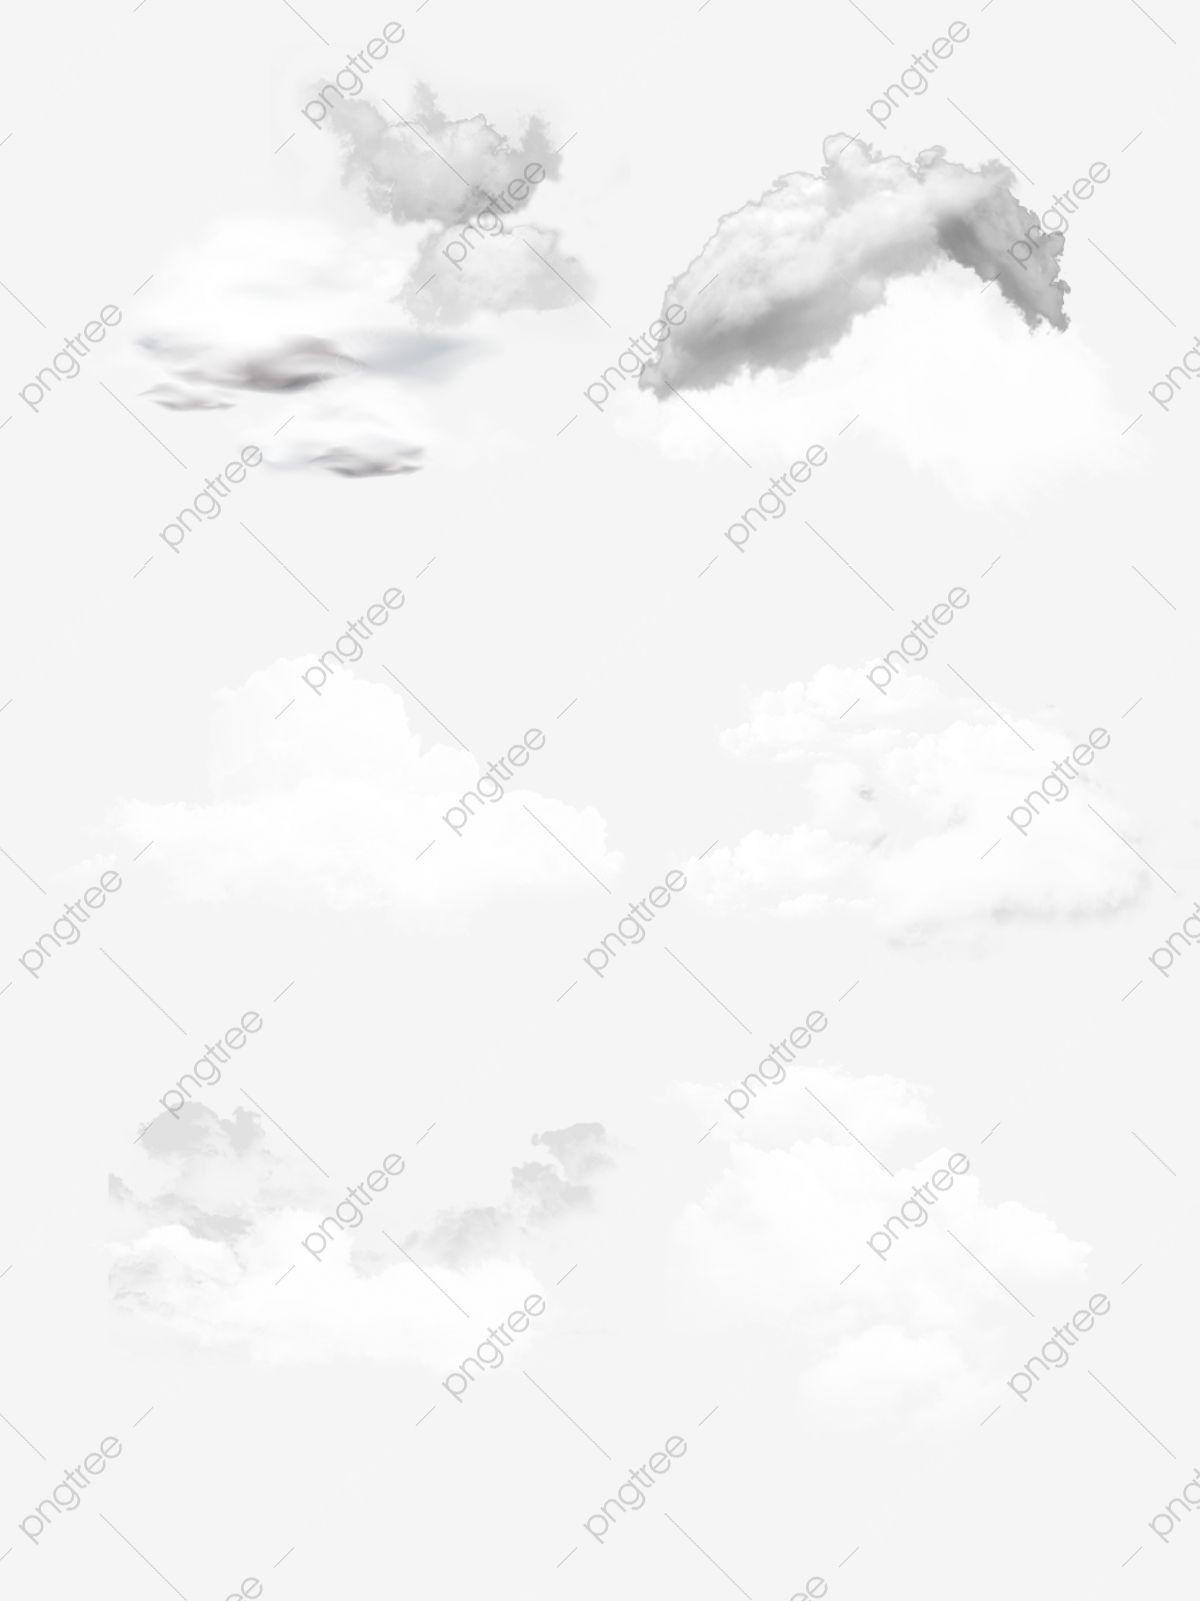 Diseno De Material De Decoracion Esponjosa De Nube Blanca Fisica Nubes Blancas Simulacion Simple Png Y Psd Para Descargar Gratis Pngtree In 2020 Material Design 4k Wallpaper For Mobile Clouds